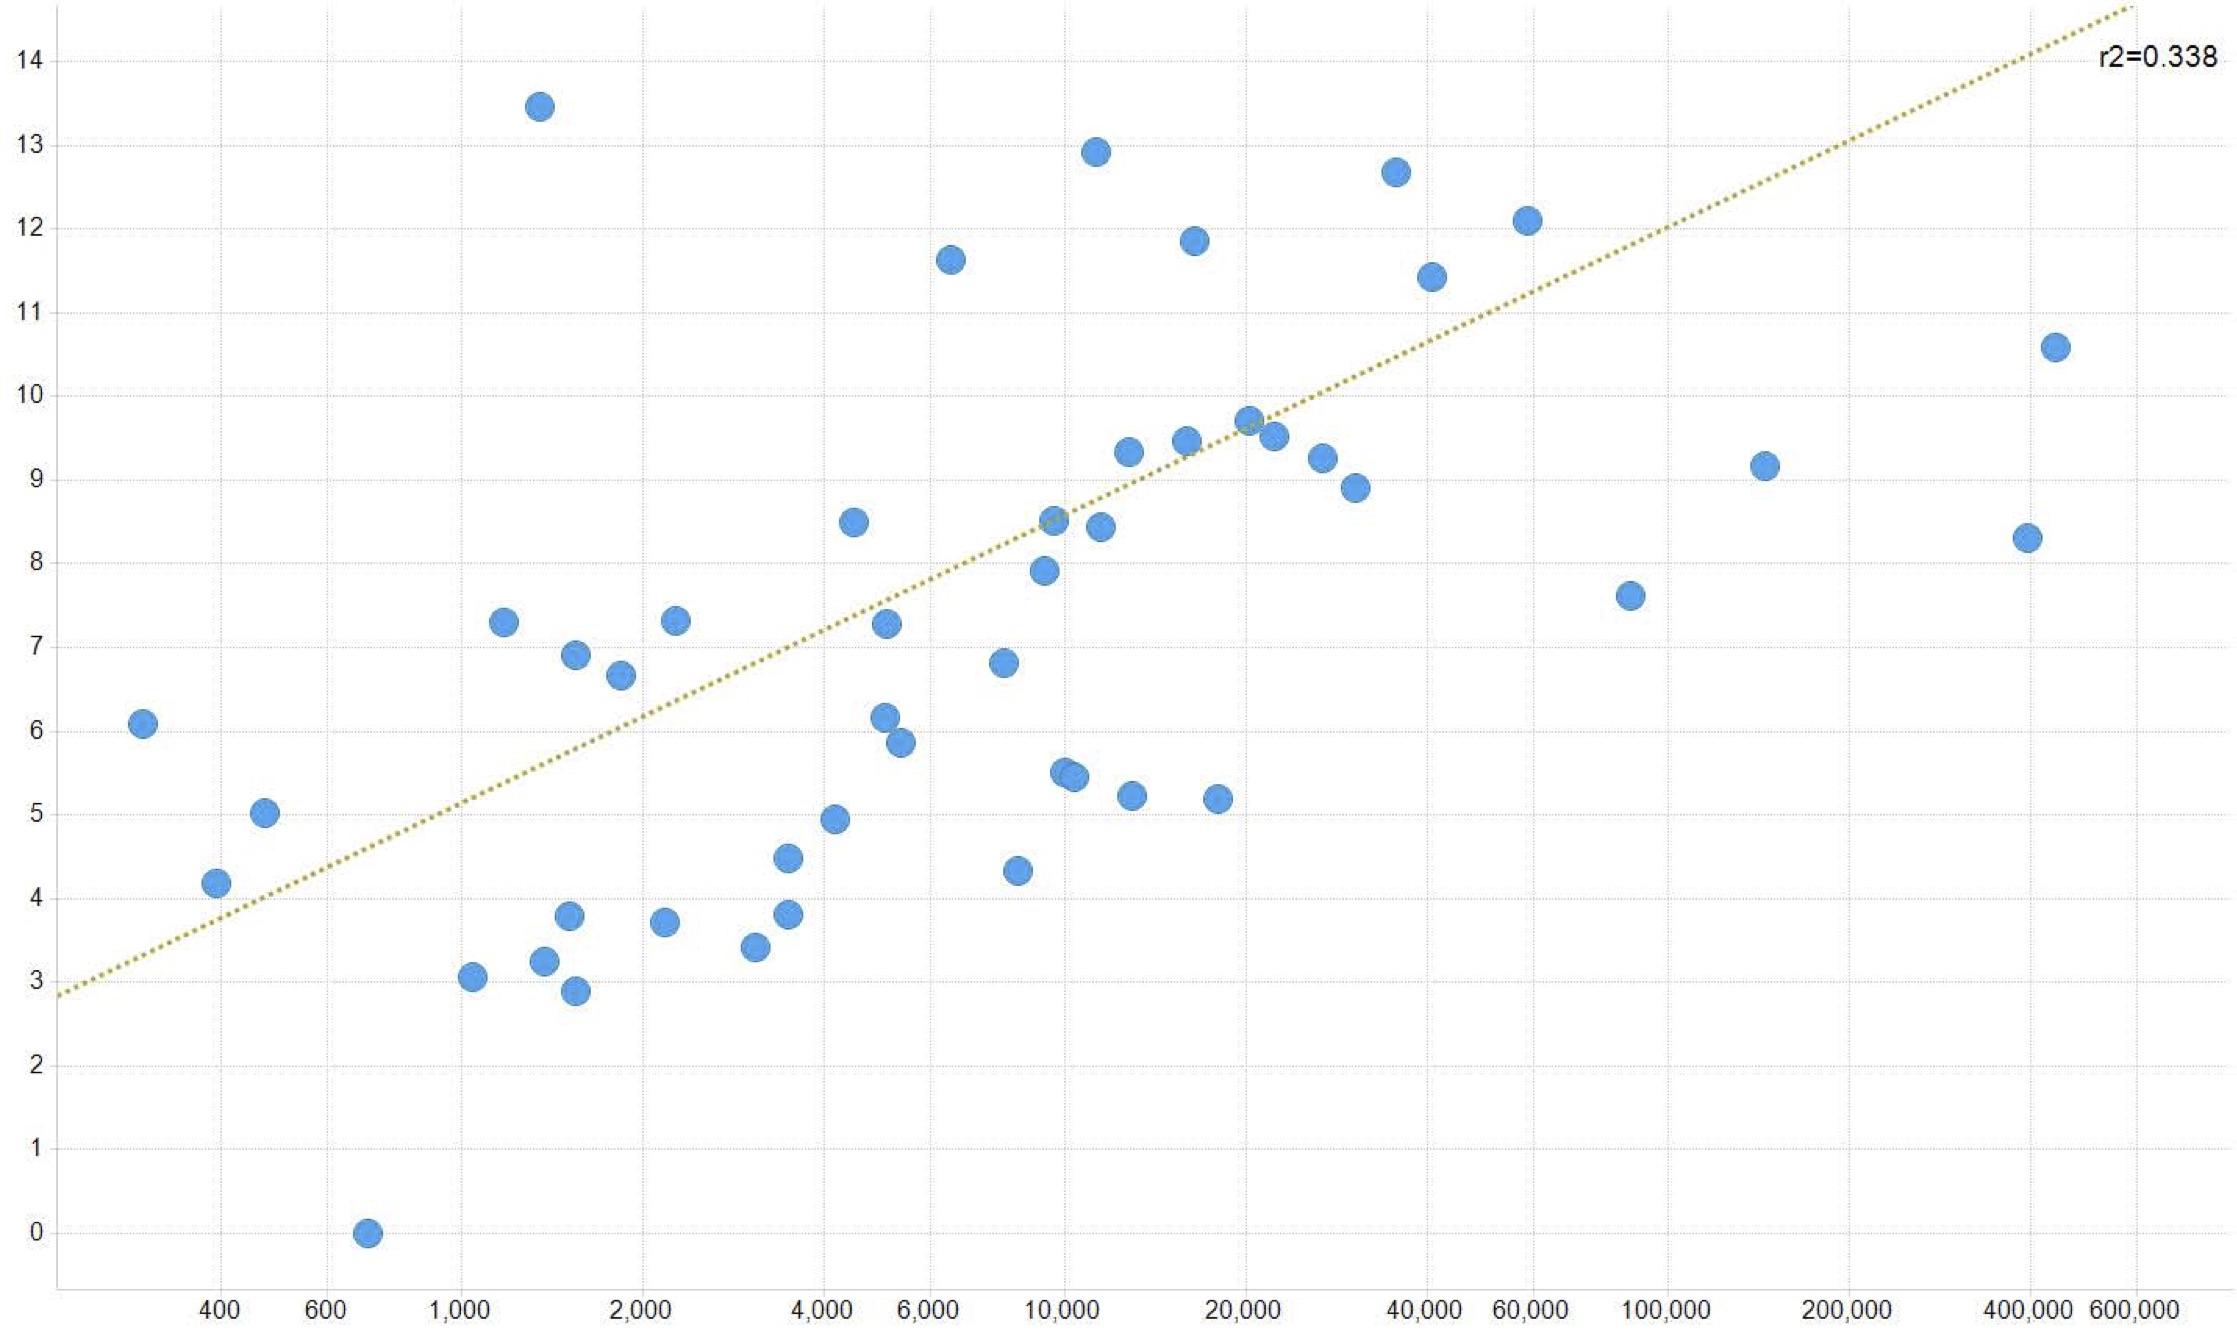 نمودار بالادست مقیاس بالادست ماندگار است - ضرب های EBITDA در برابر TEV